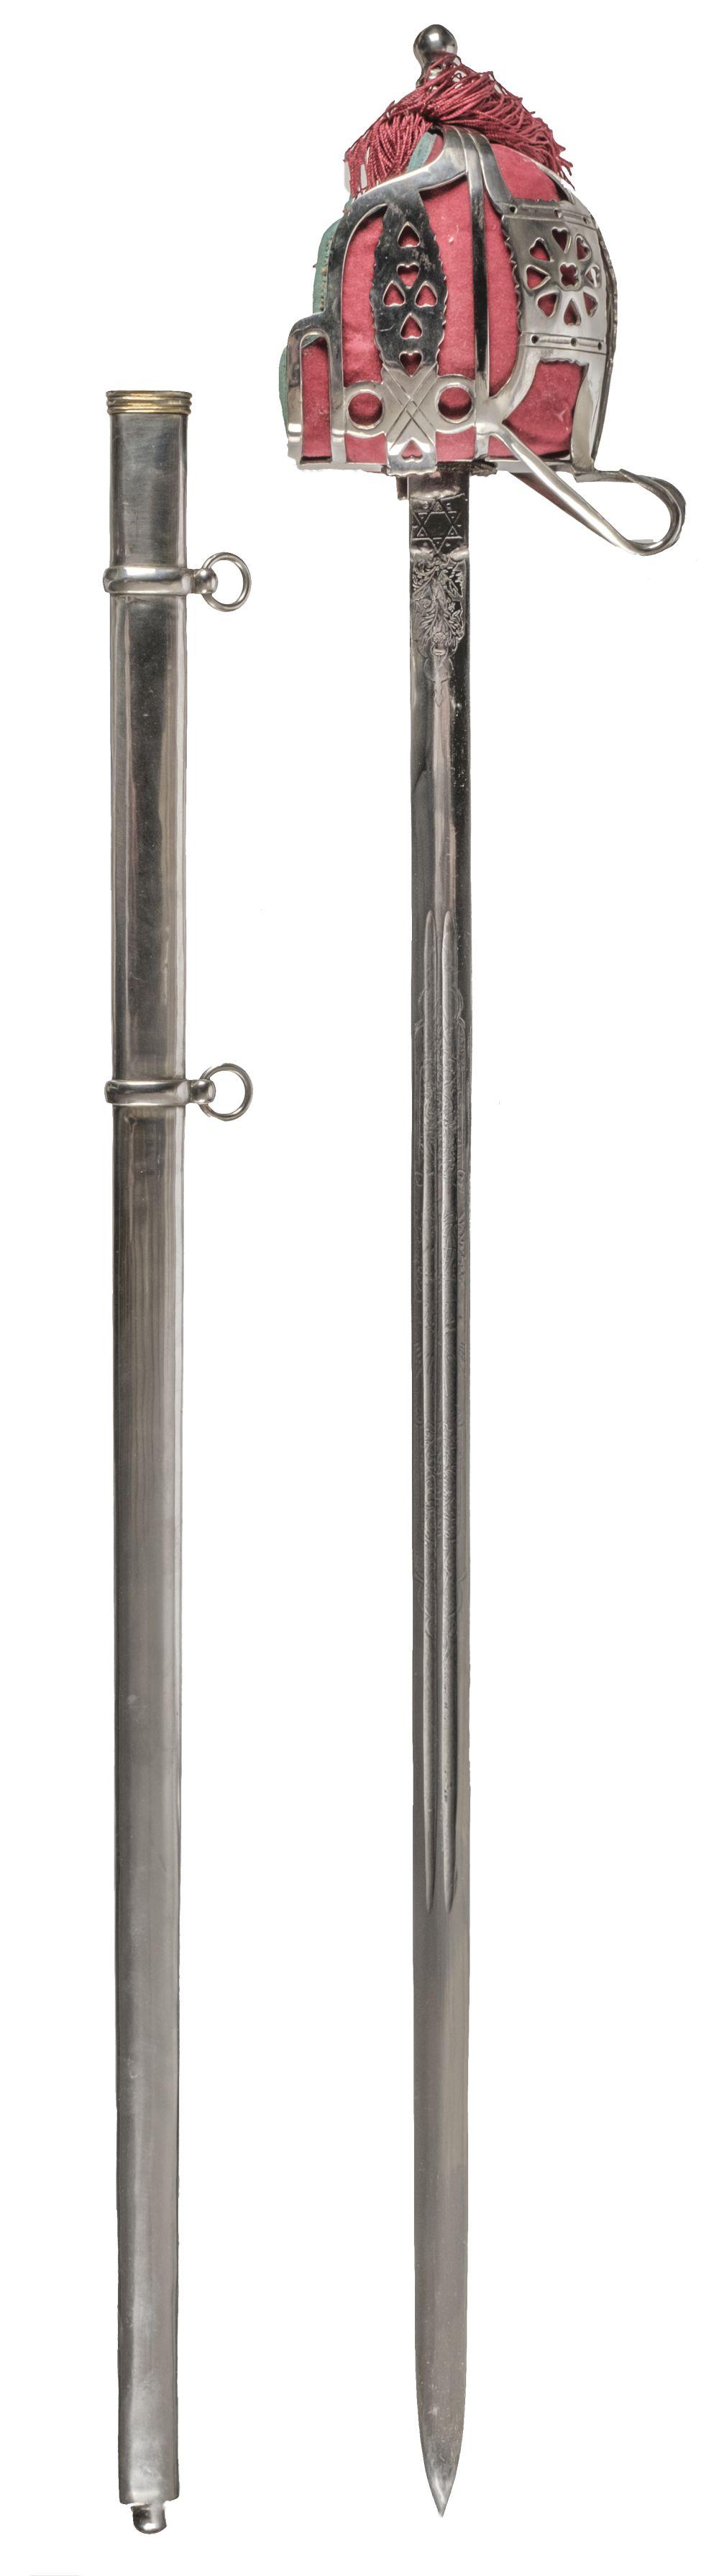 * Sword. Copy of a Scottish basket-hilt sword